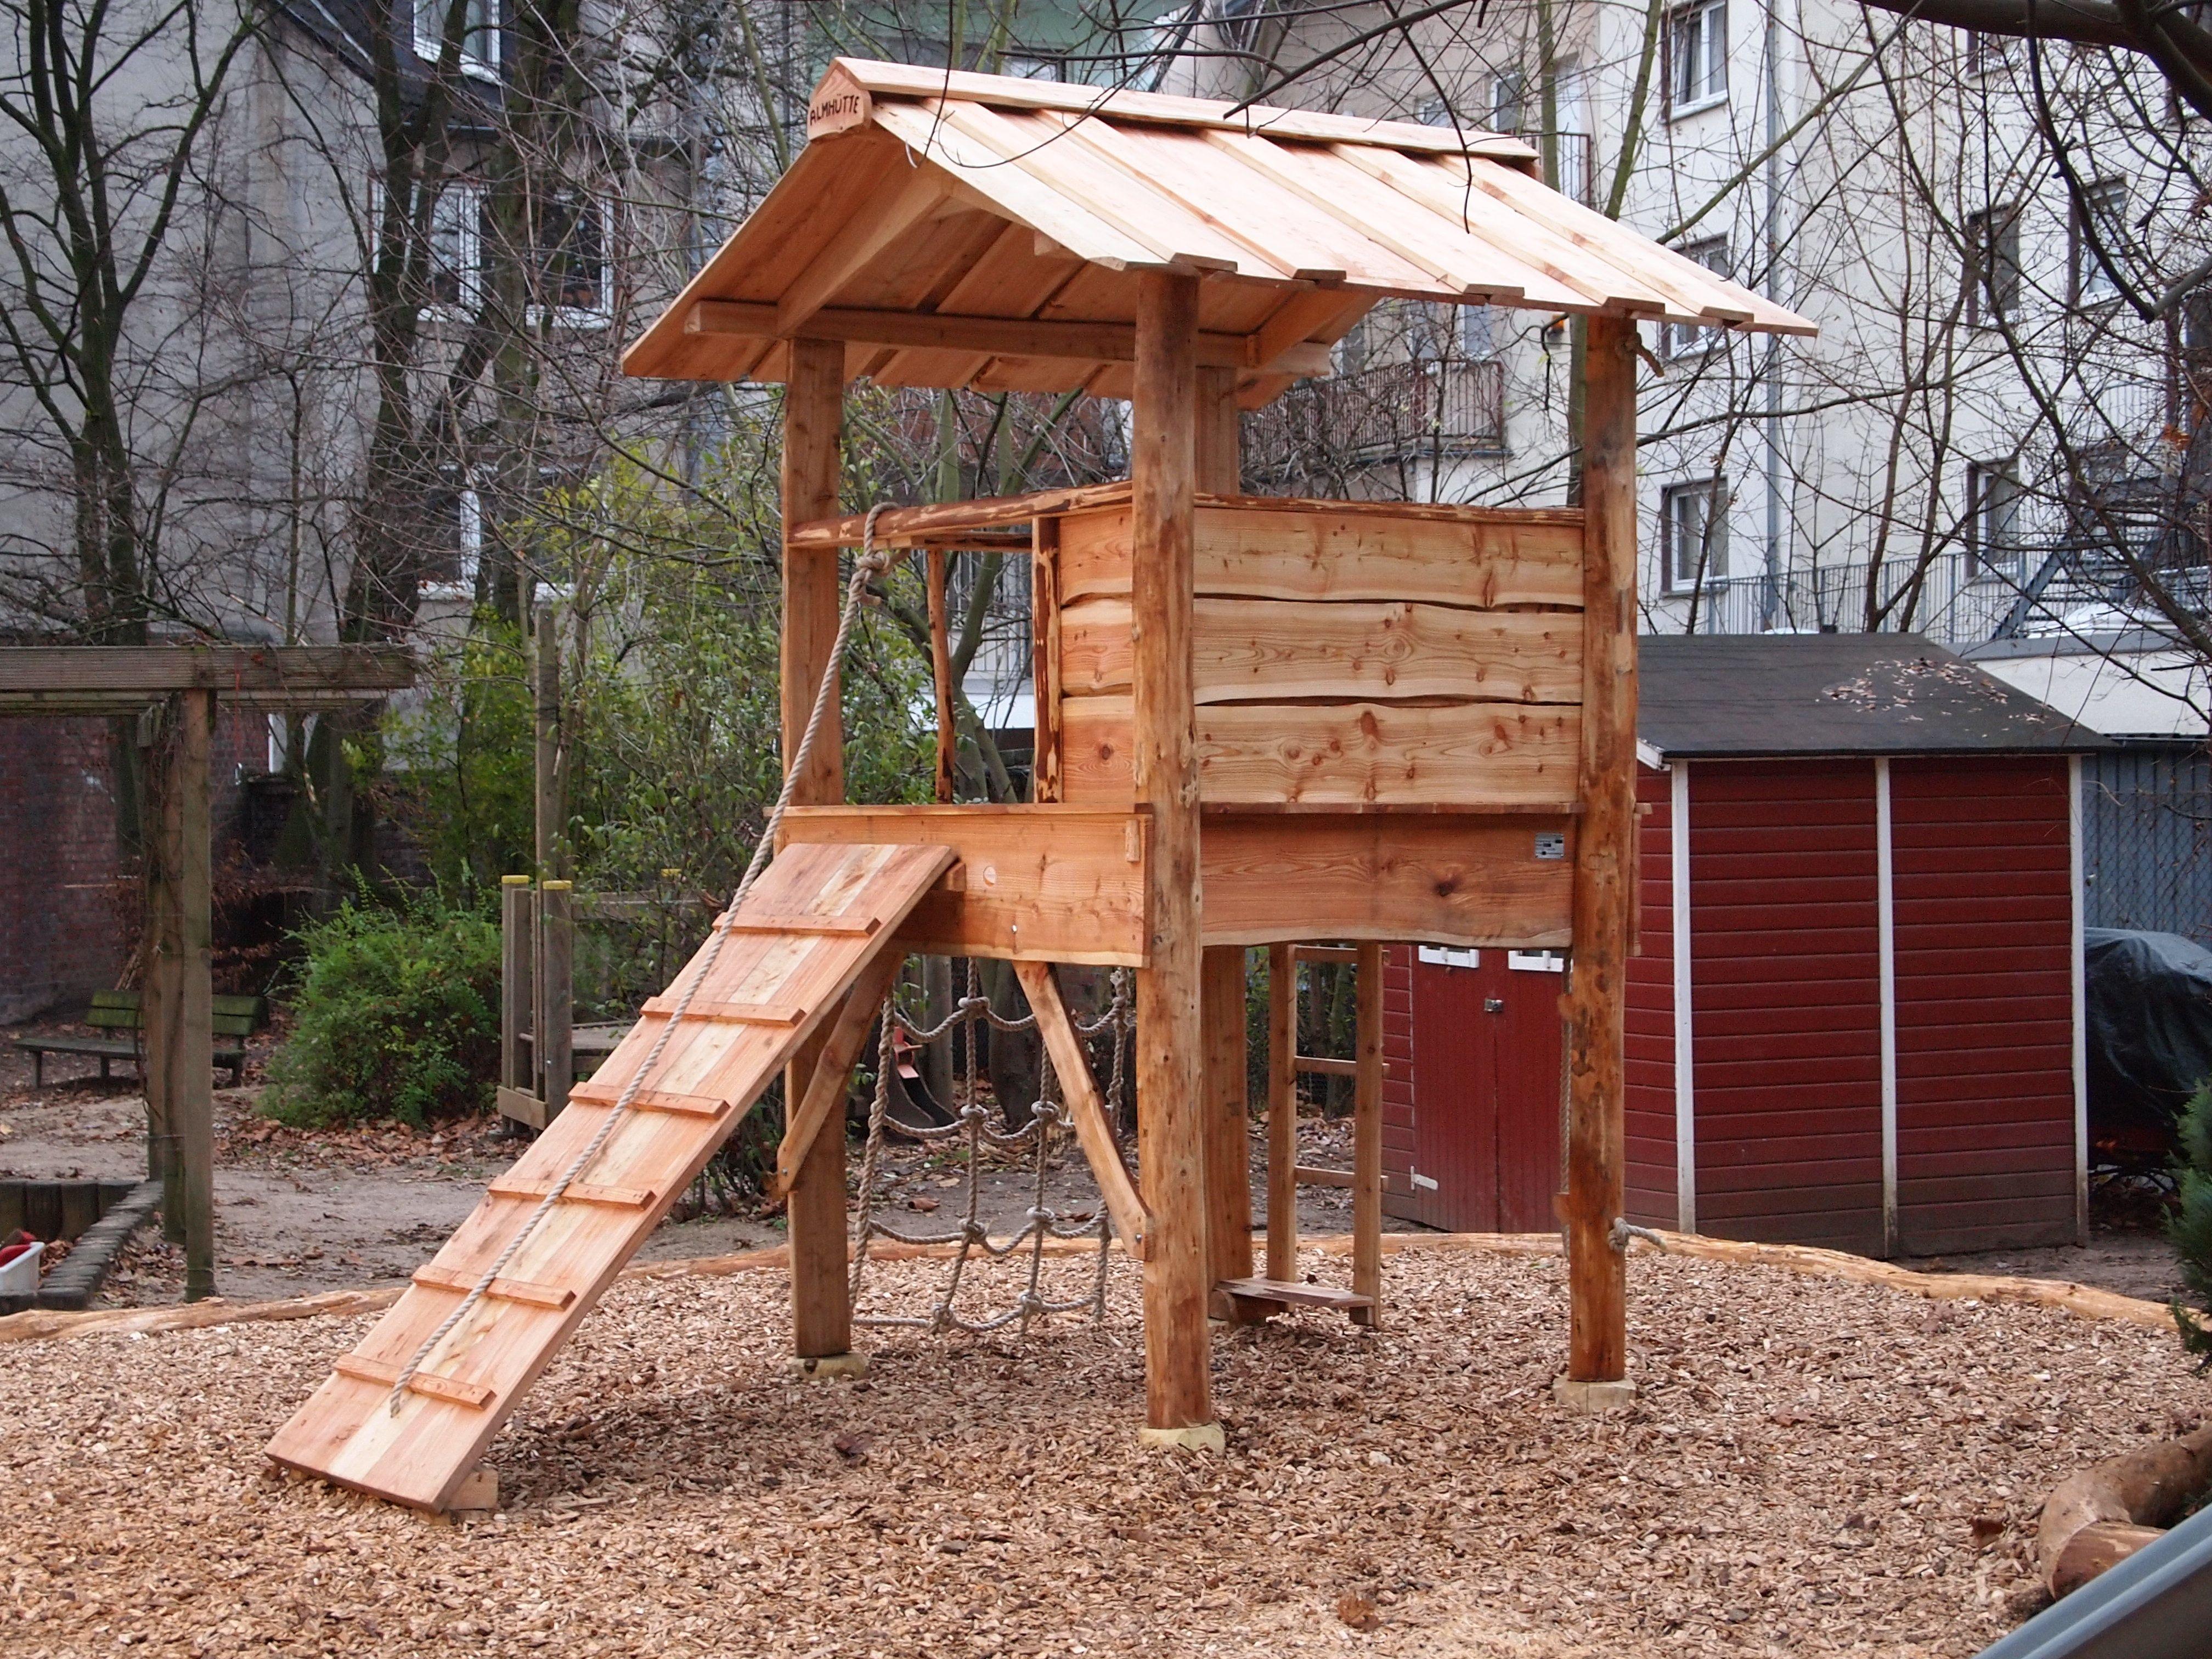 Spieltürme für Kindergarten Kinder baumhaus, Baumhaus